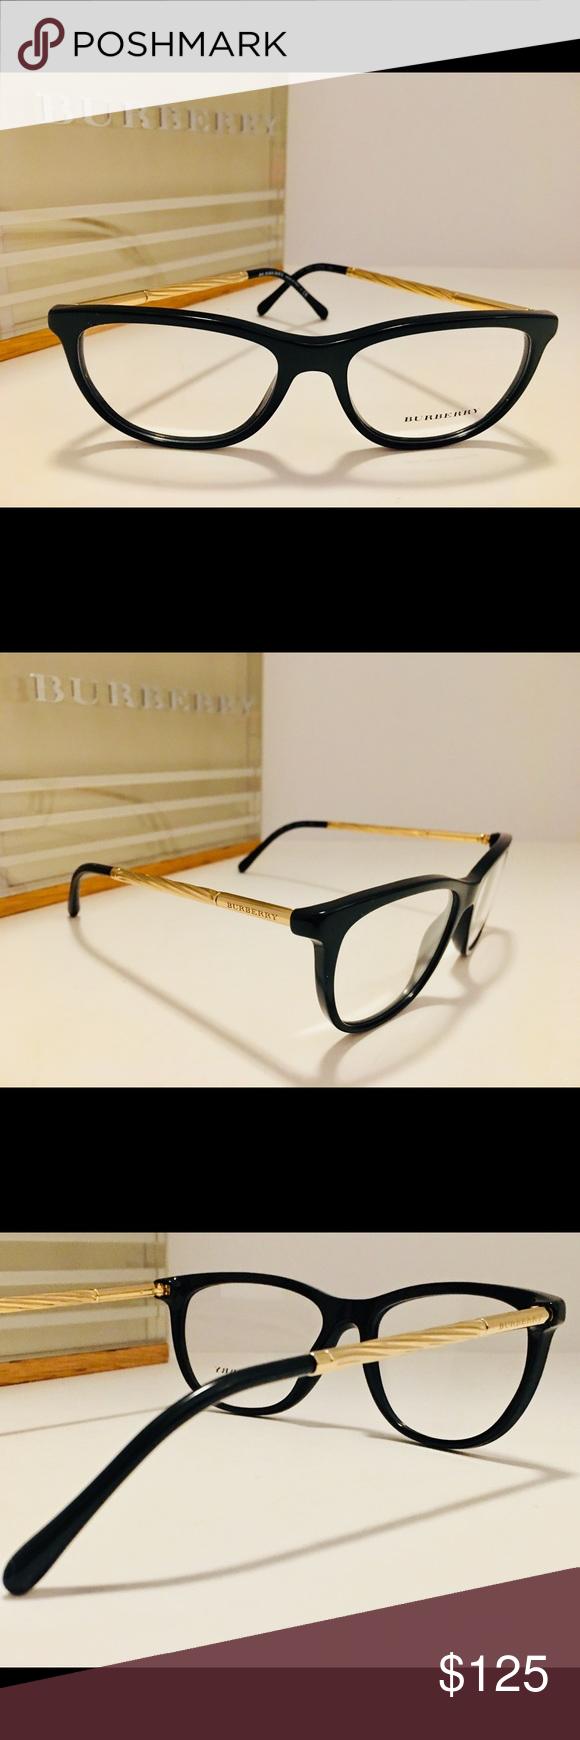 2f3f7e541720 Burberry Eyeglasses B2189 3001 Black